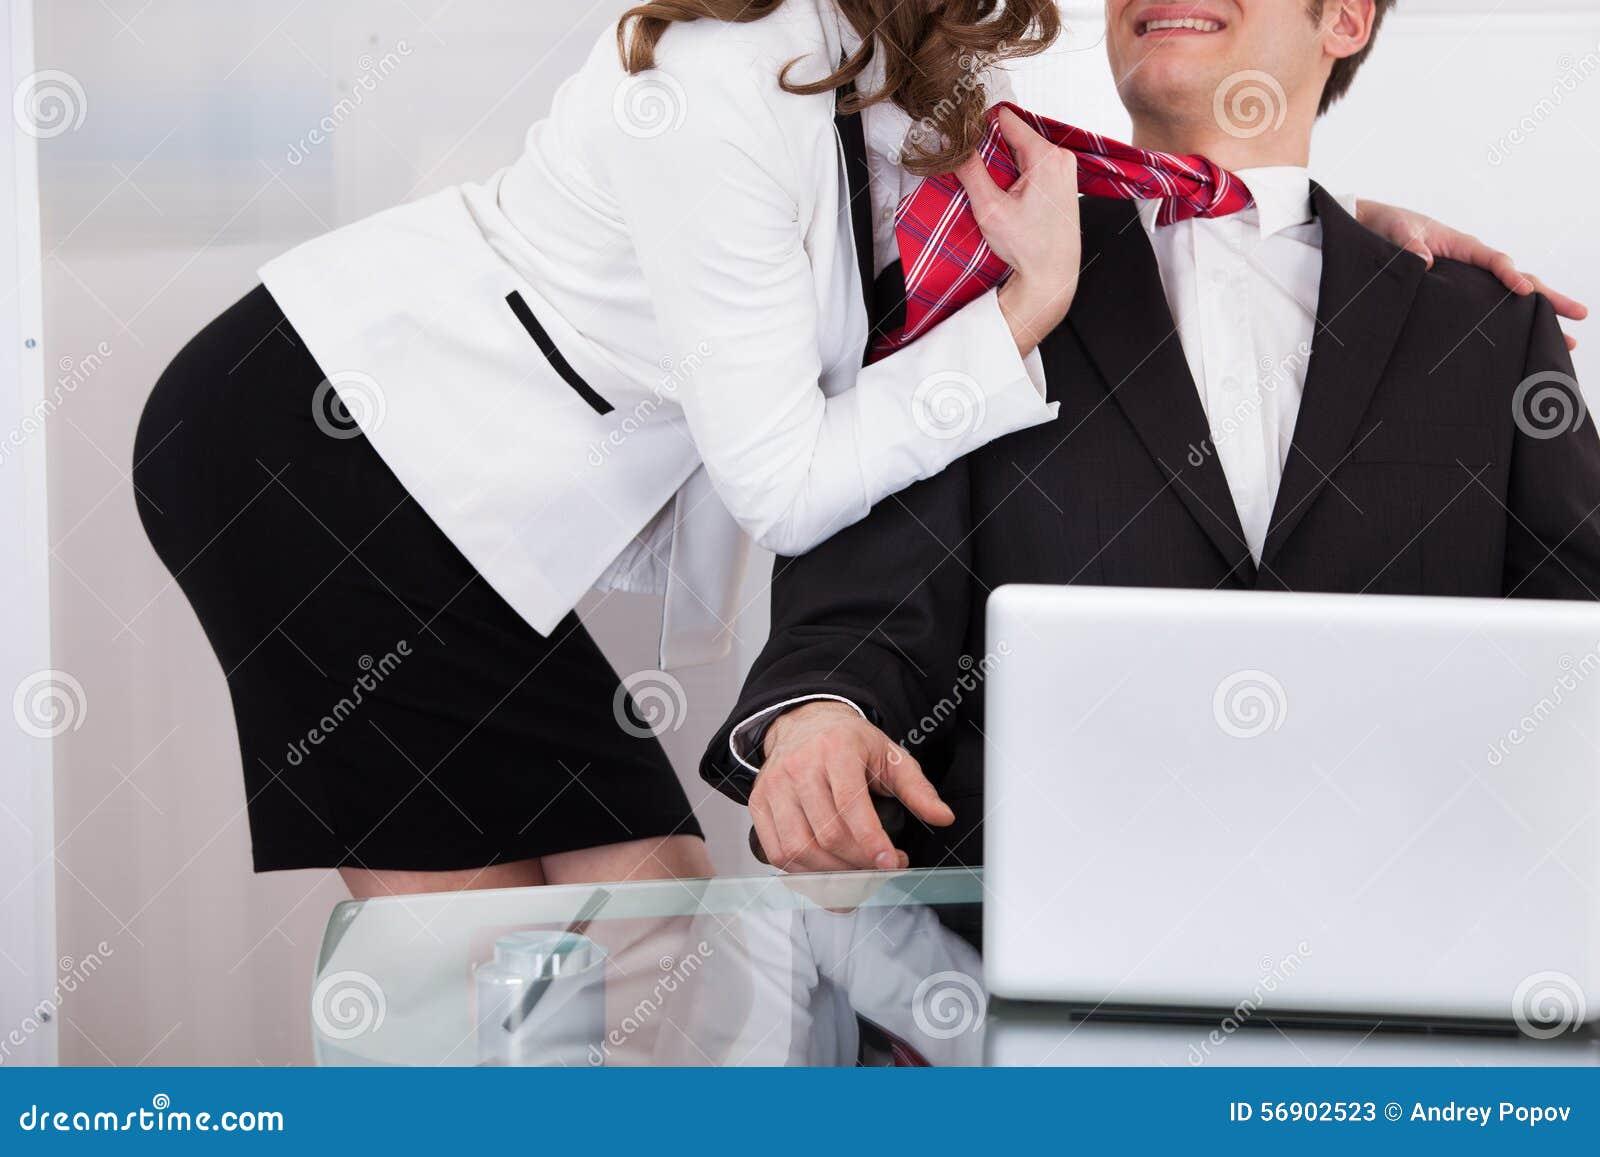 Επιχειρηματίας που τραβά το δεσμό του αρσενικού συναδέλφου παραπλανώντας τον